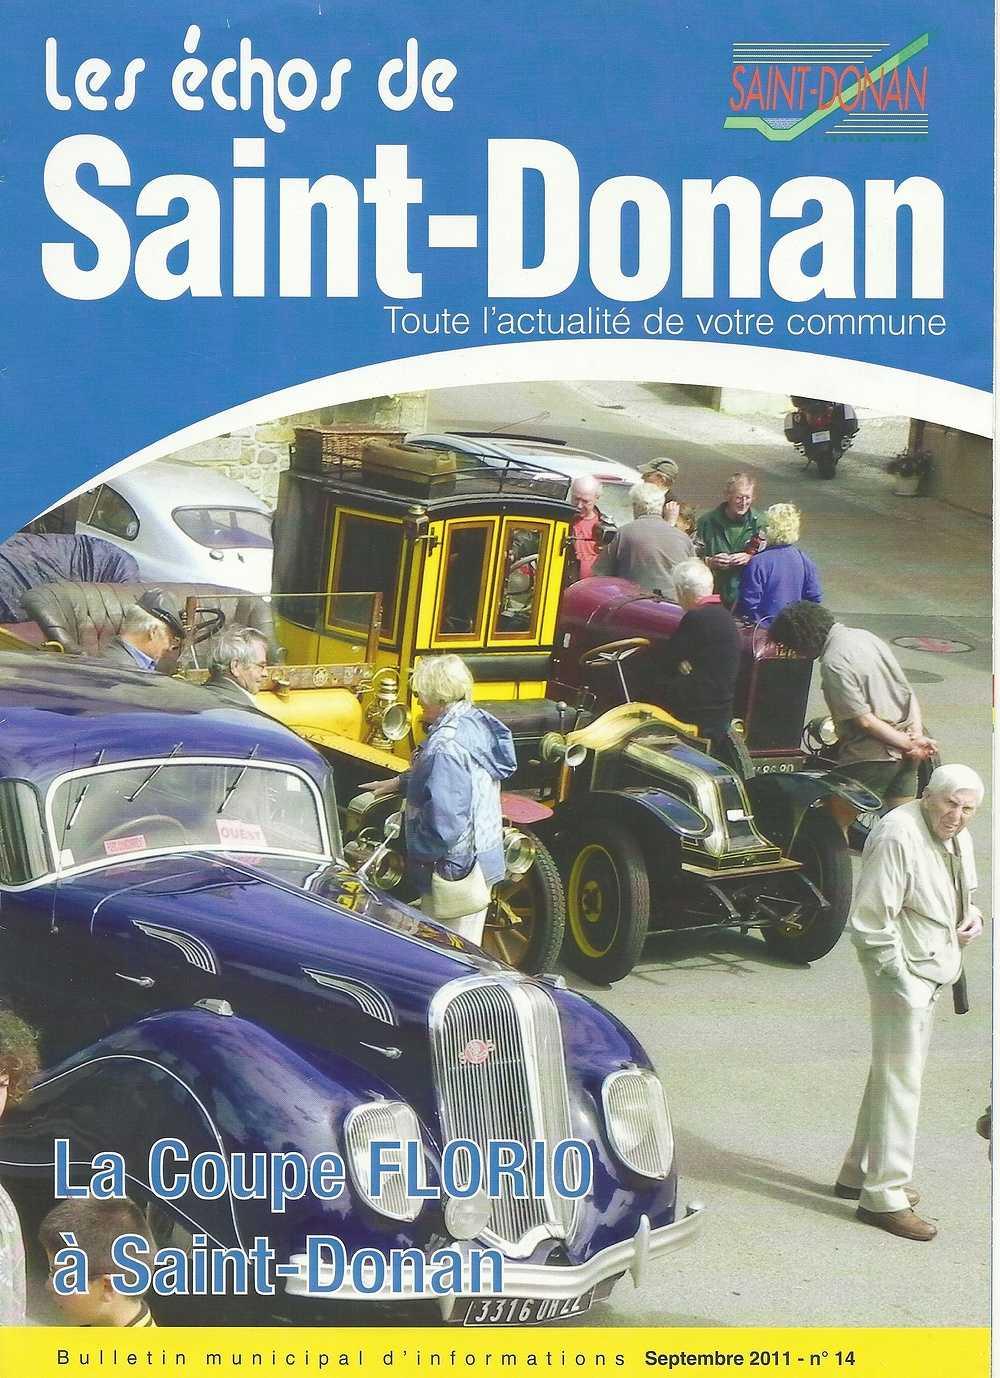 Saint Donan, commune de 1500 habitants, et de l''agglomération de Saint Brieuc accueille le rallye touristique de la Coupe Florio en 2011 0